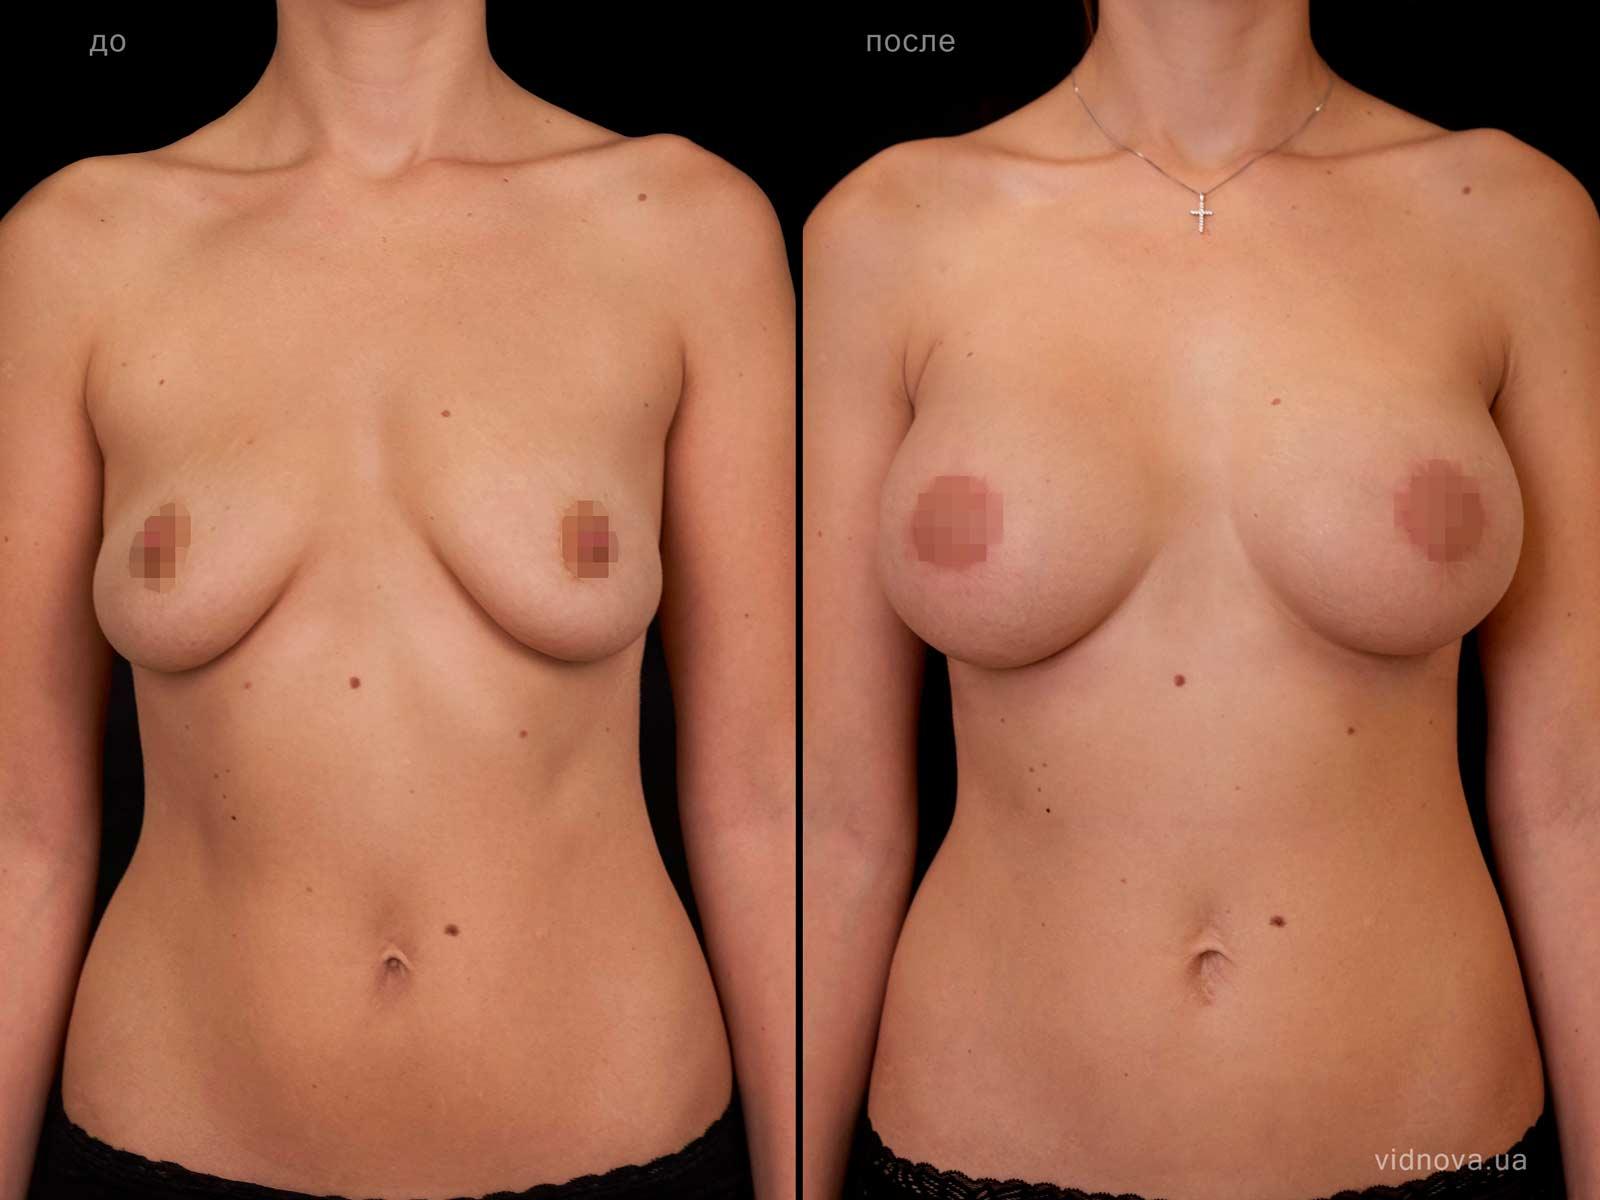 Пластика груди: результаты до и после - Пример №105-0 - Светлана Работенко